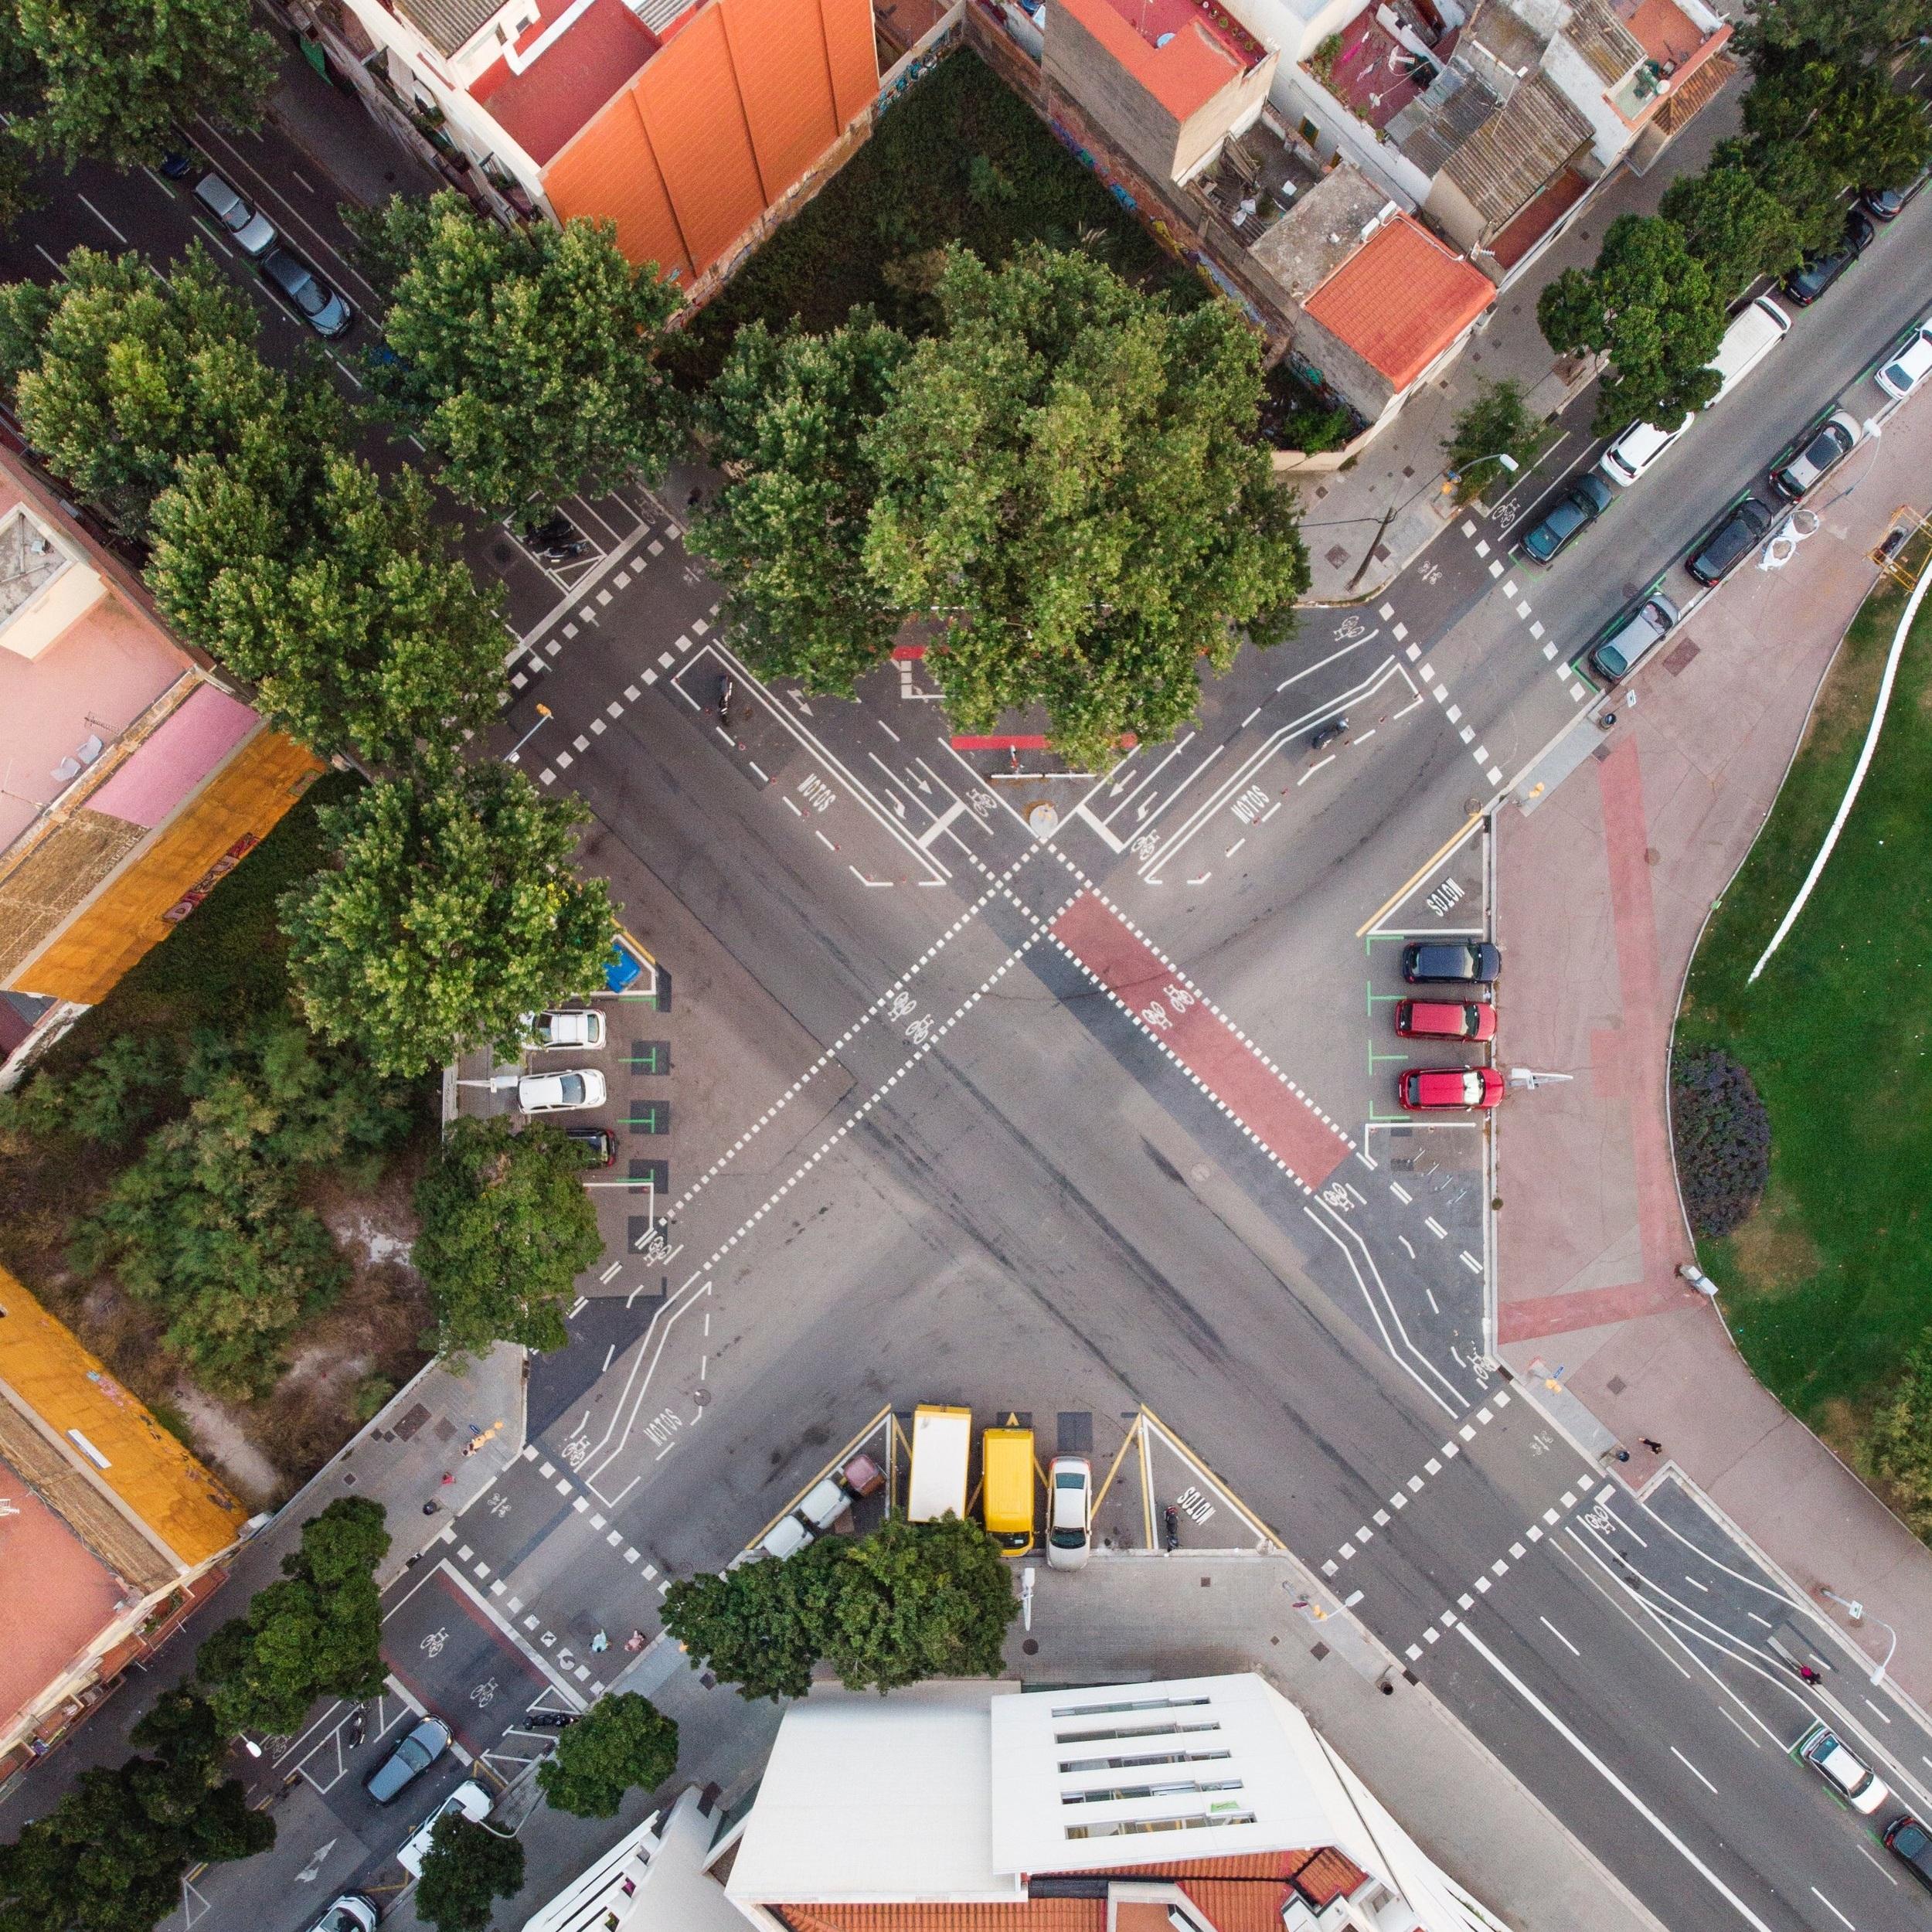 Barcelona, Spain (BCNecologia) -